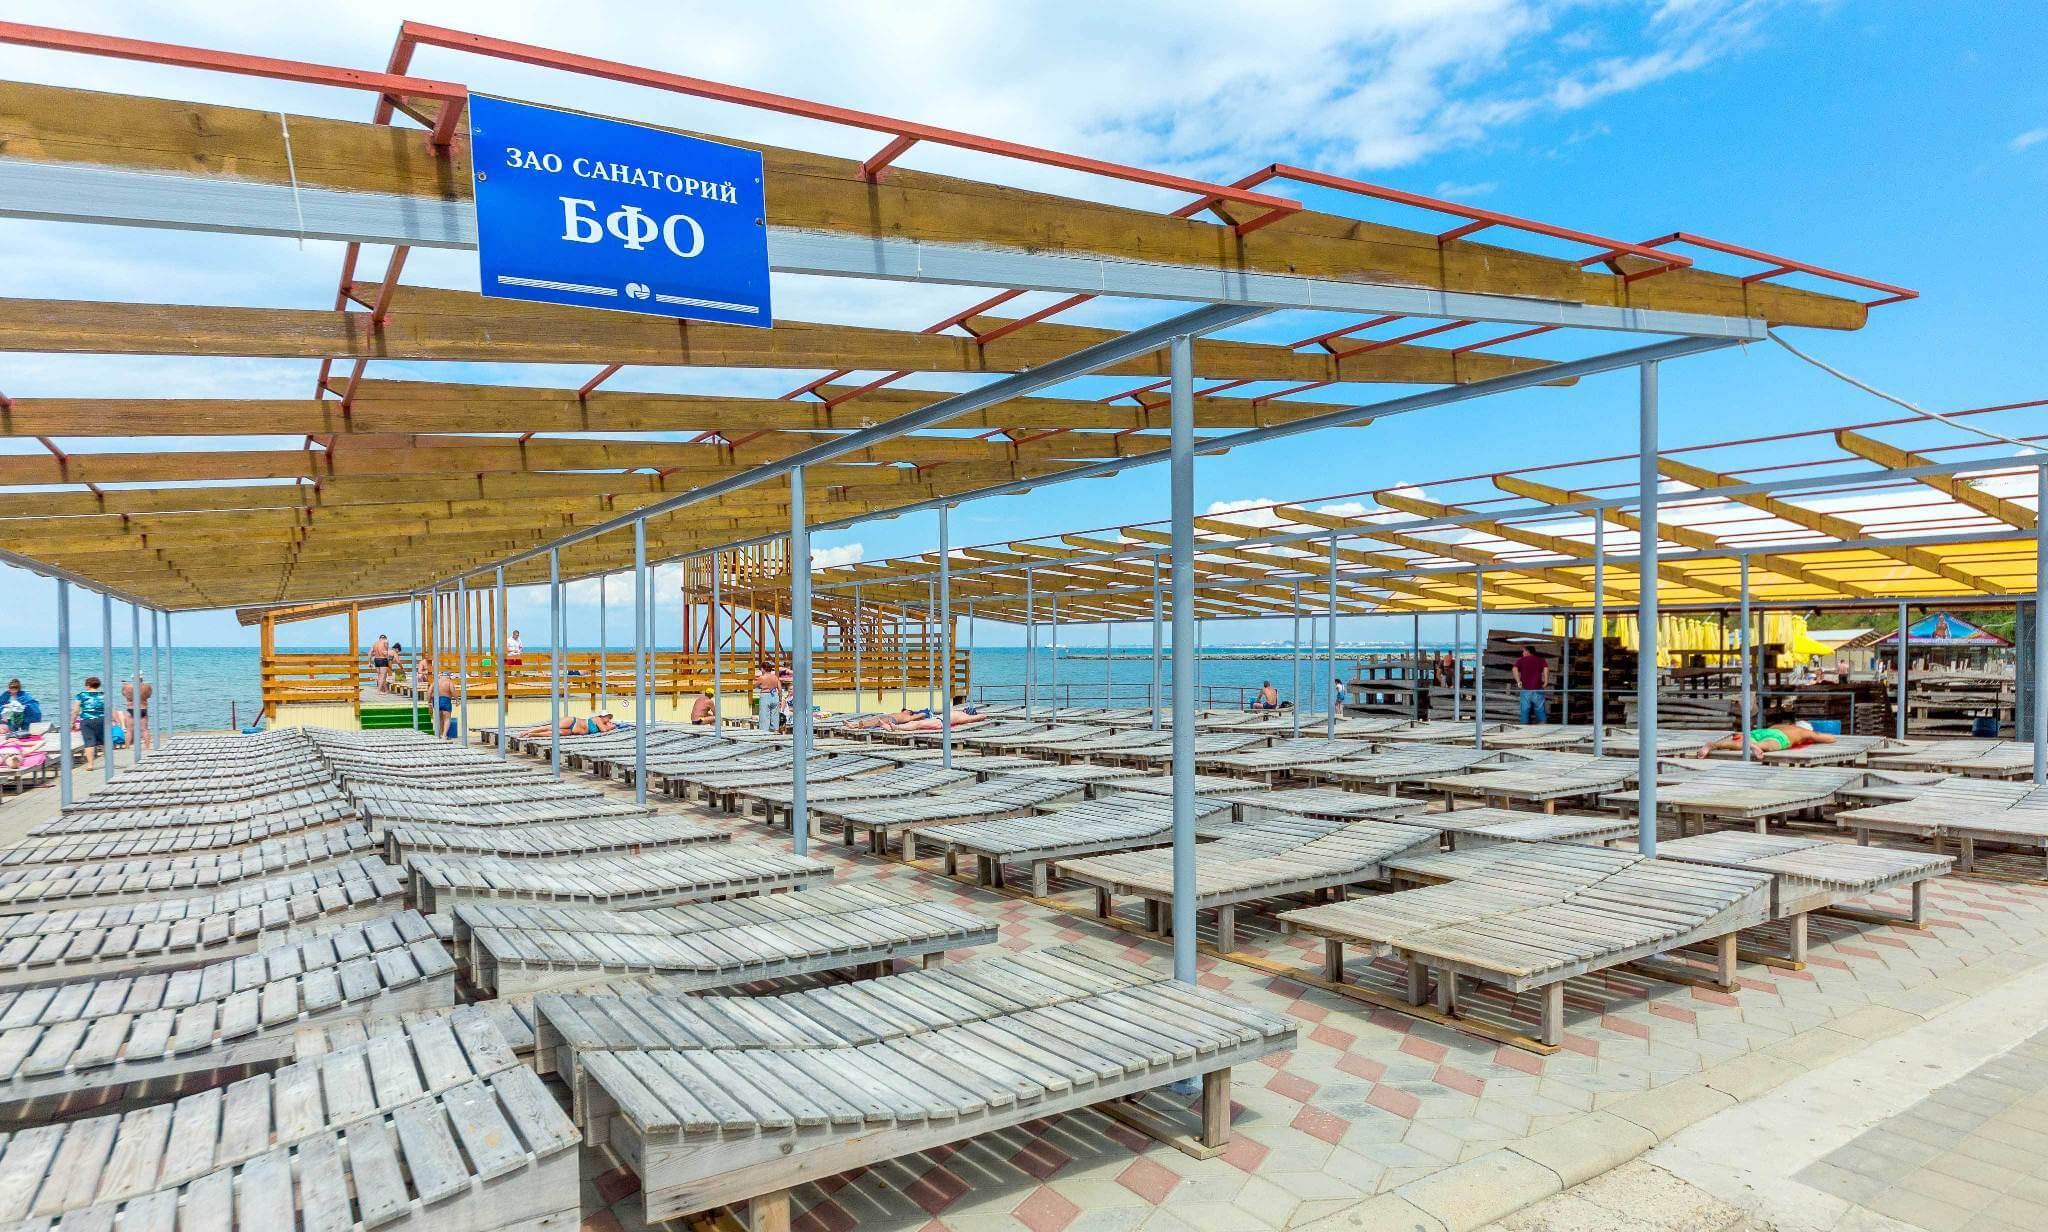 Фото пляжа, принадлежащего санаторию «БФО» в Анапе